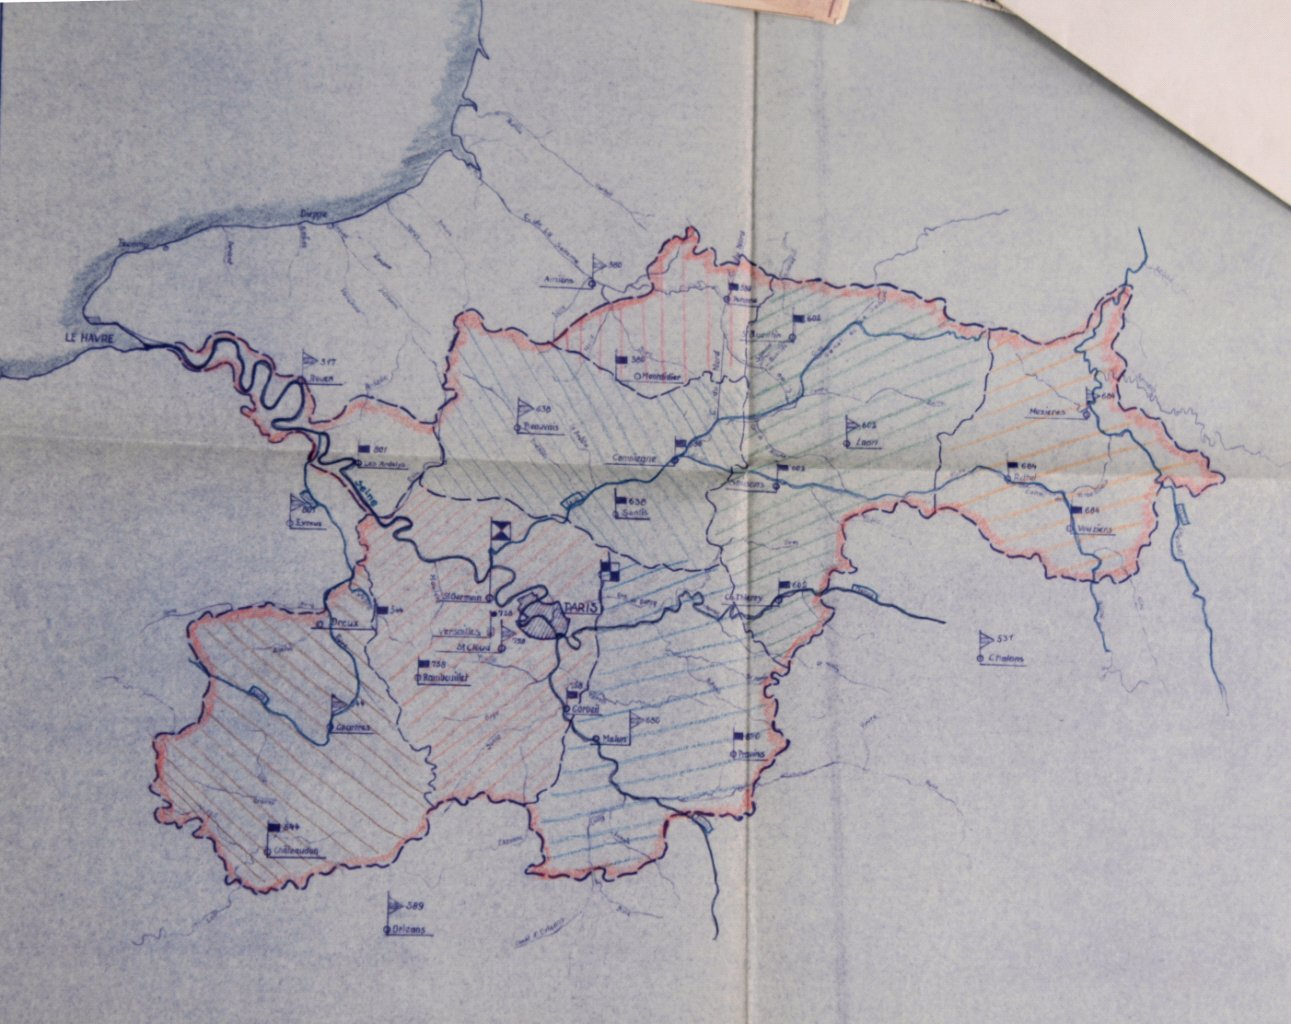 Kartennachlass Brückenbaustab 1, Brückenbau-Bataillon 683-2